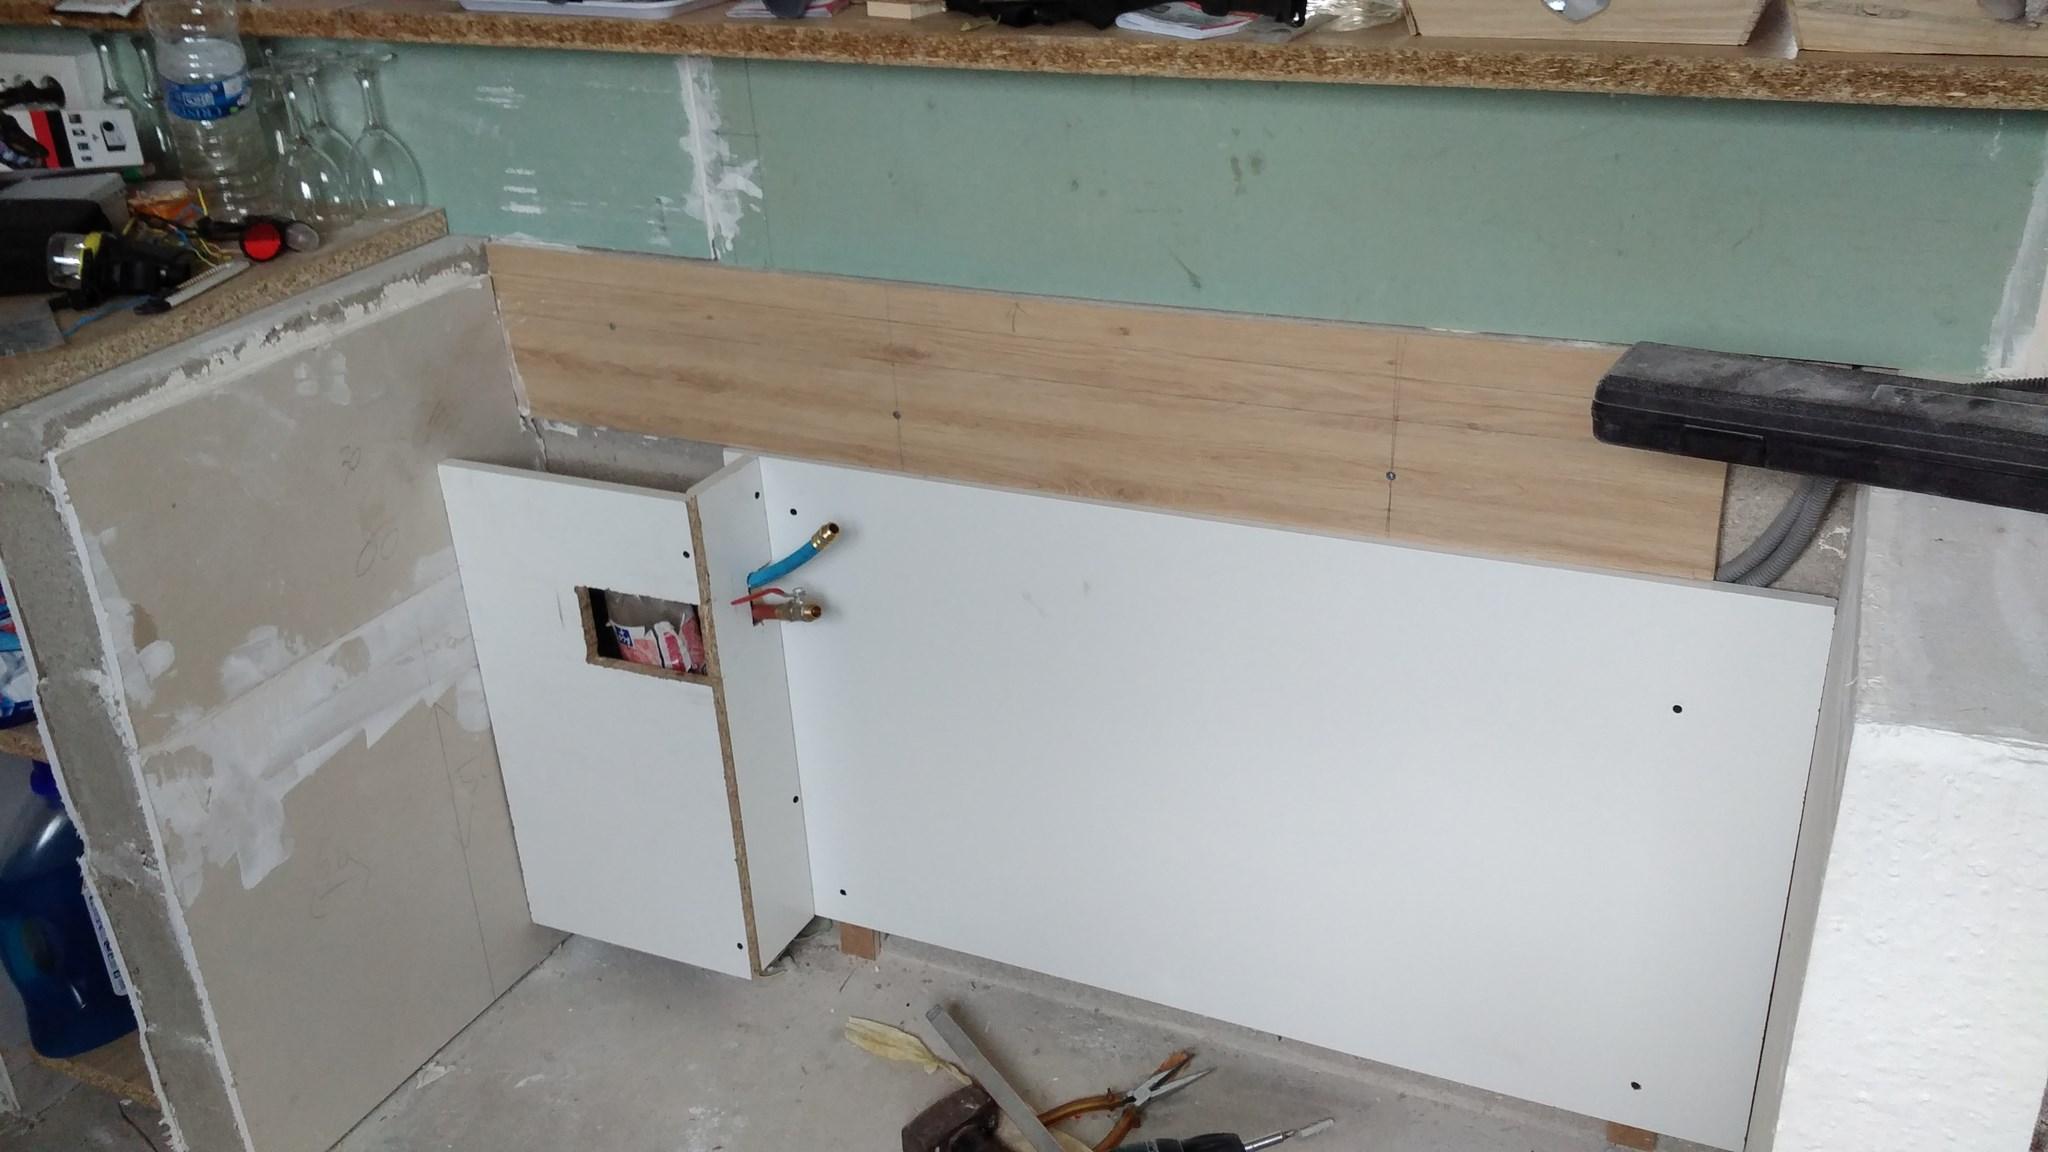 Cacher Plan De Travail Cuisine plan de travail à fixer sur muret pour cuisine americaine